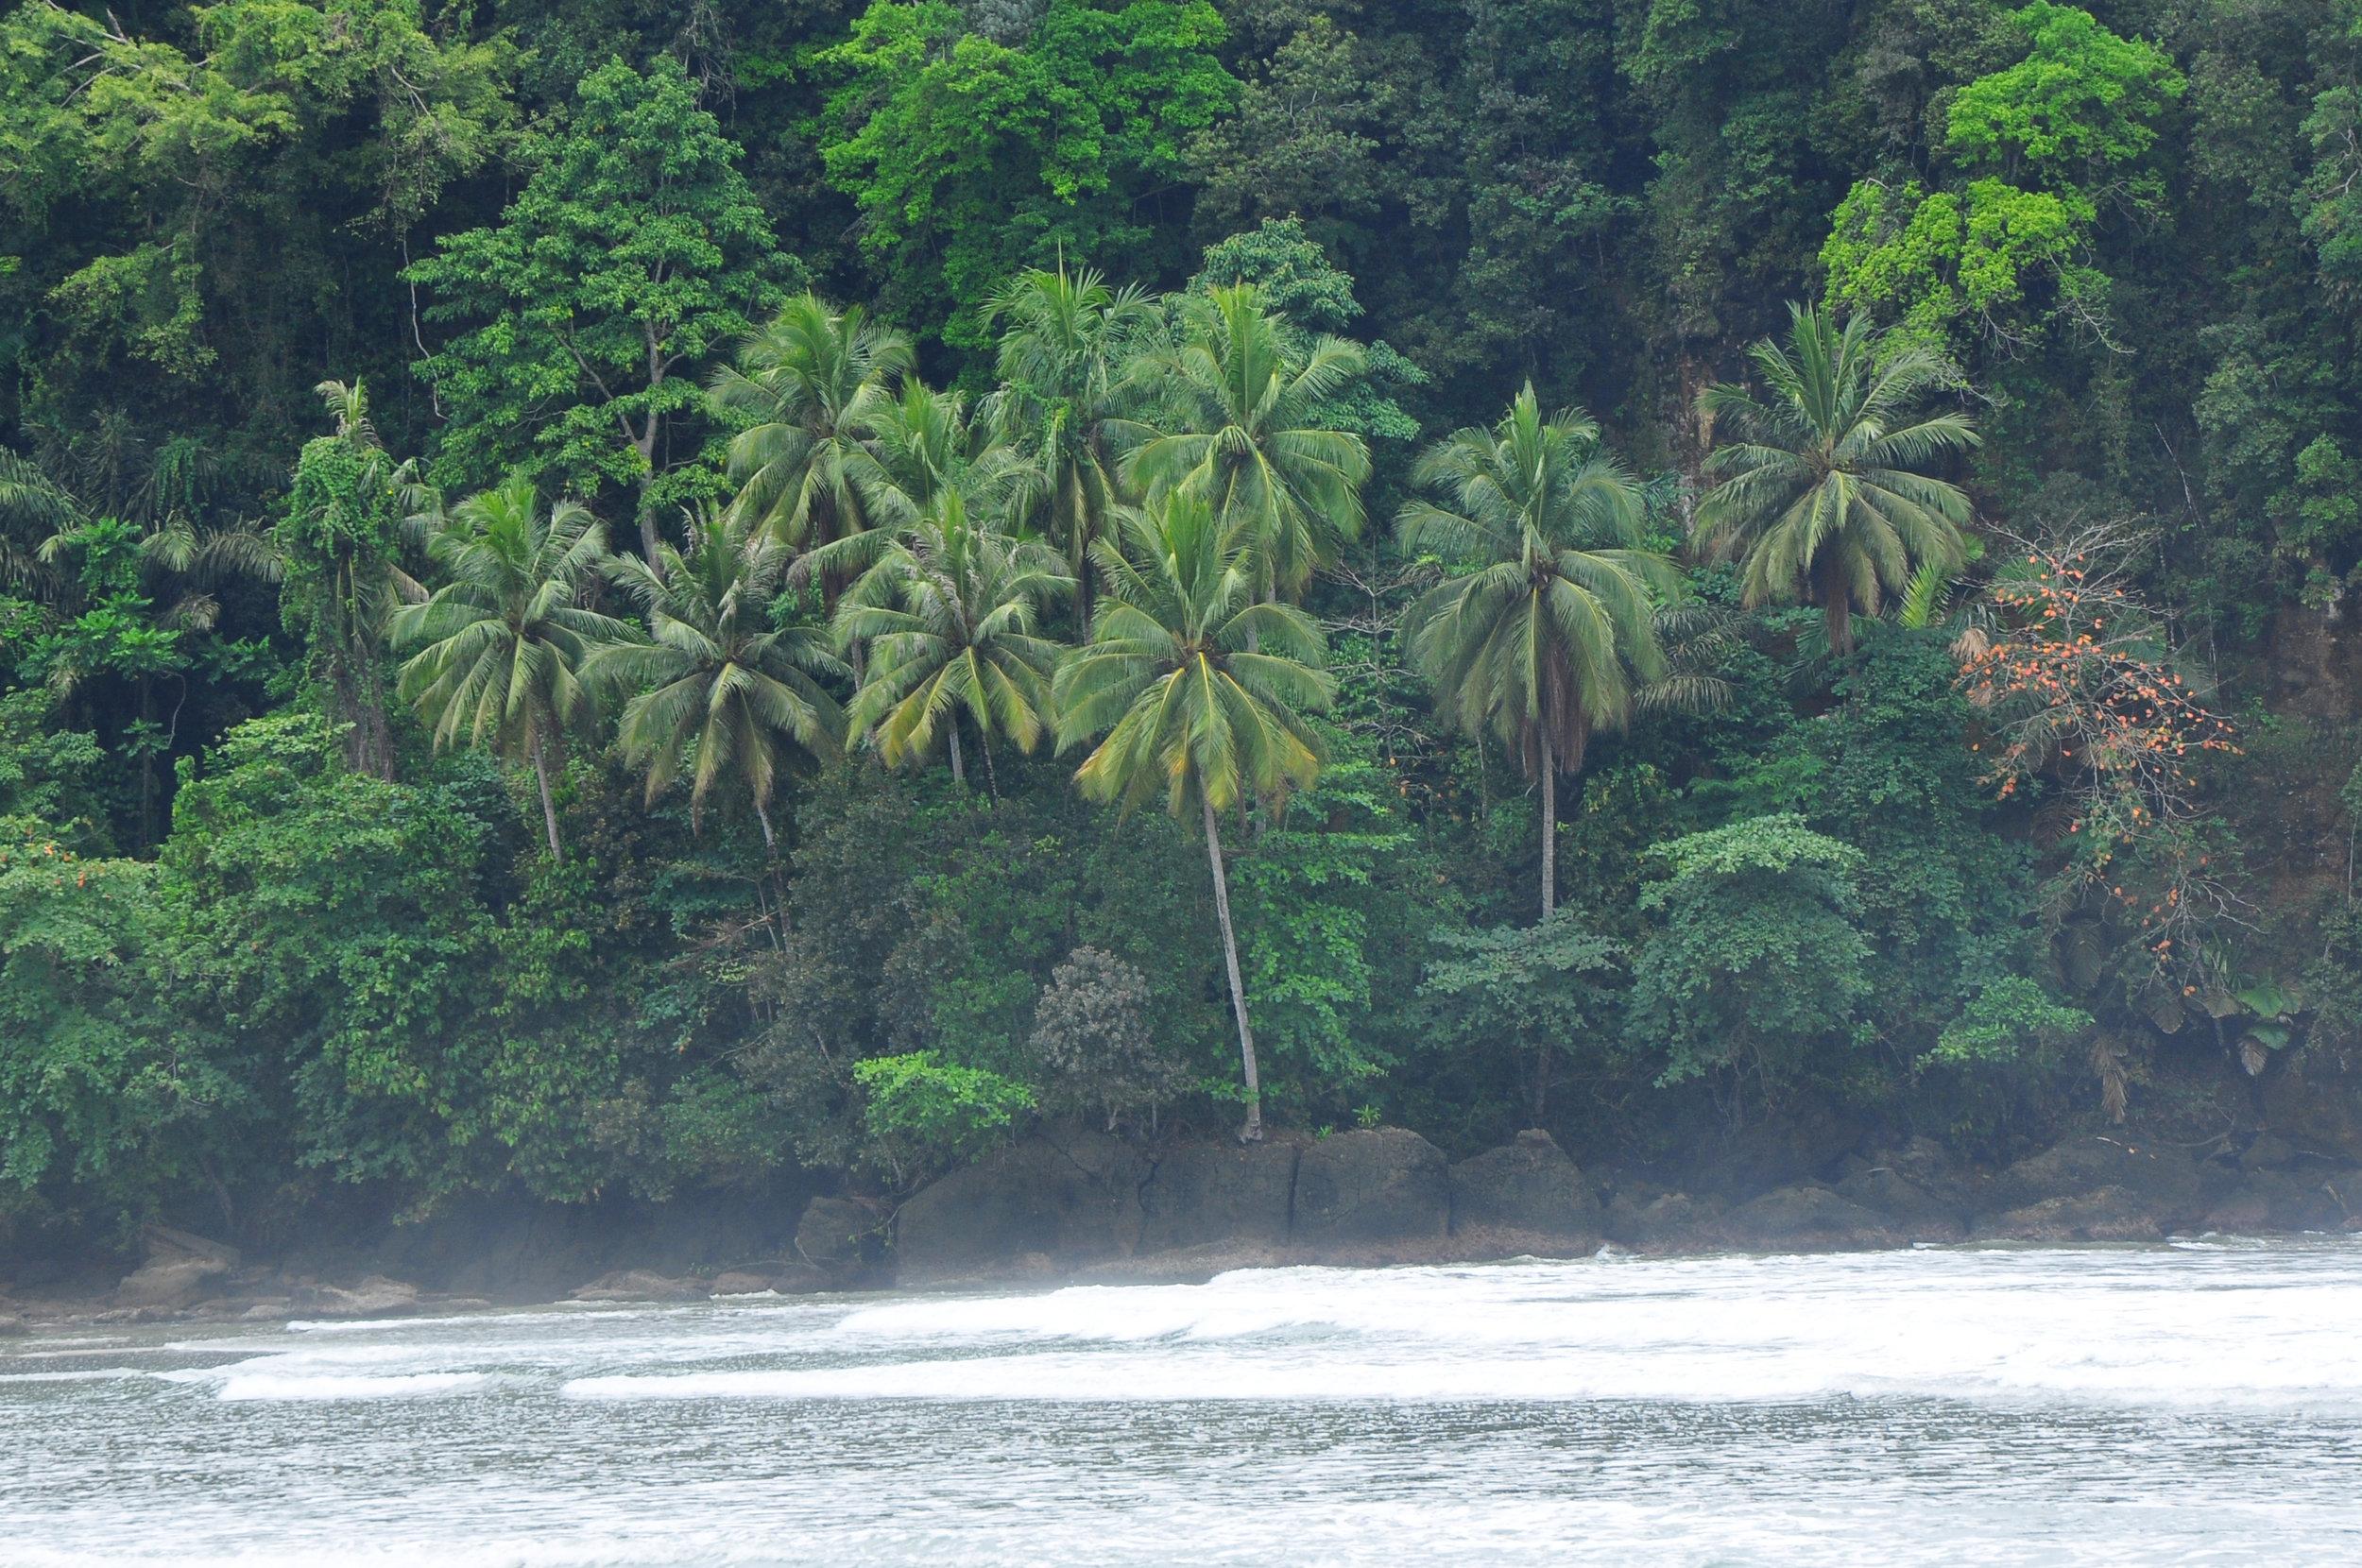 tropical-scene-indonesia.jpg